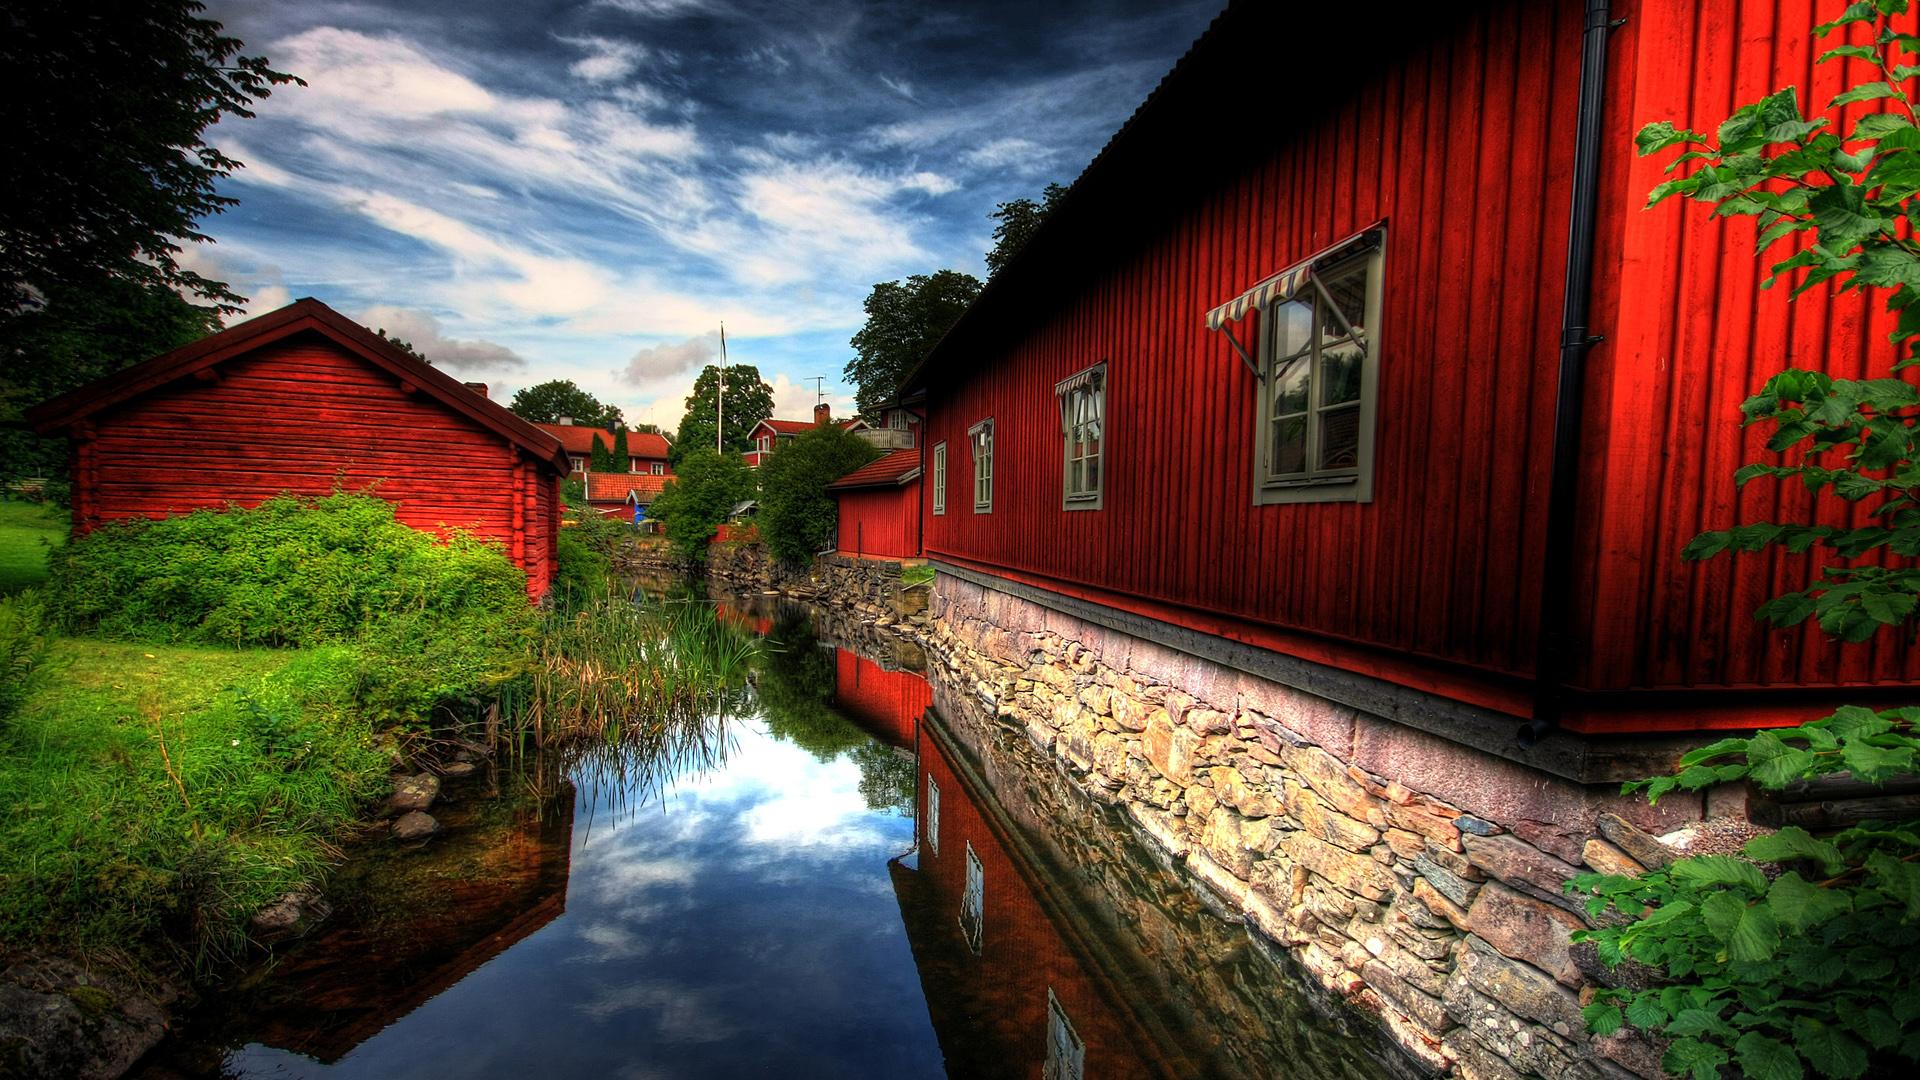 Sfondi hd natura rossa wallpapers sfondi hd gratis for Sfondi hd natura